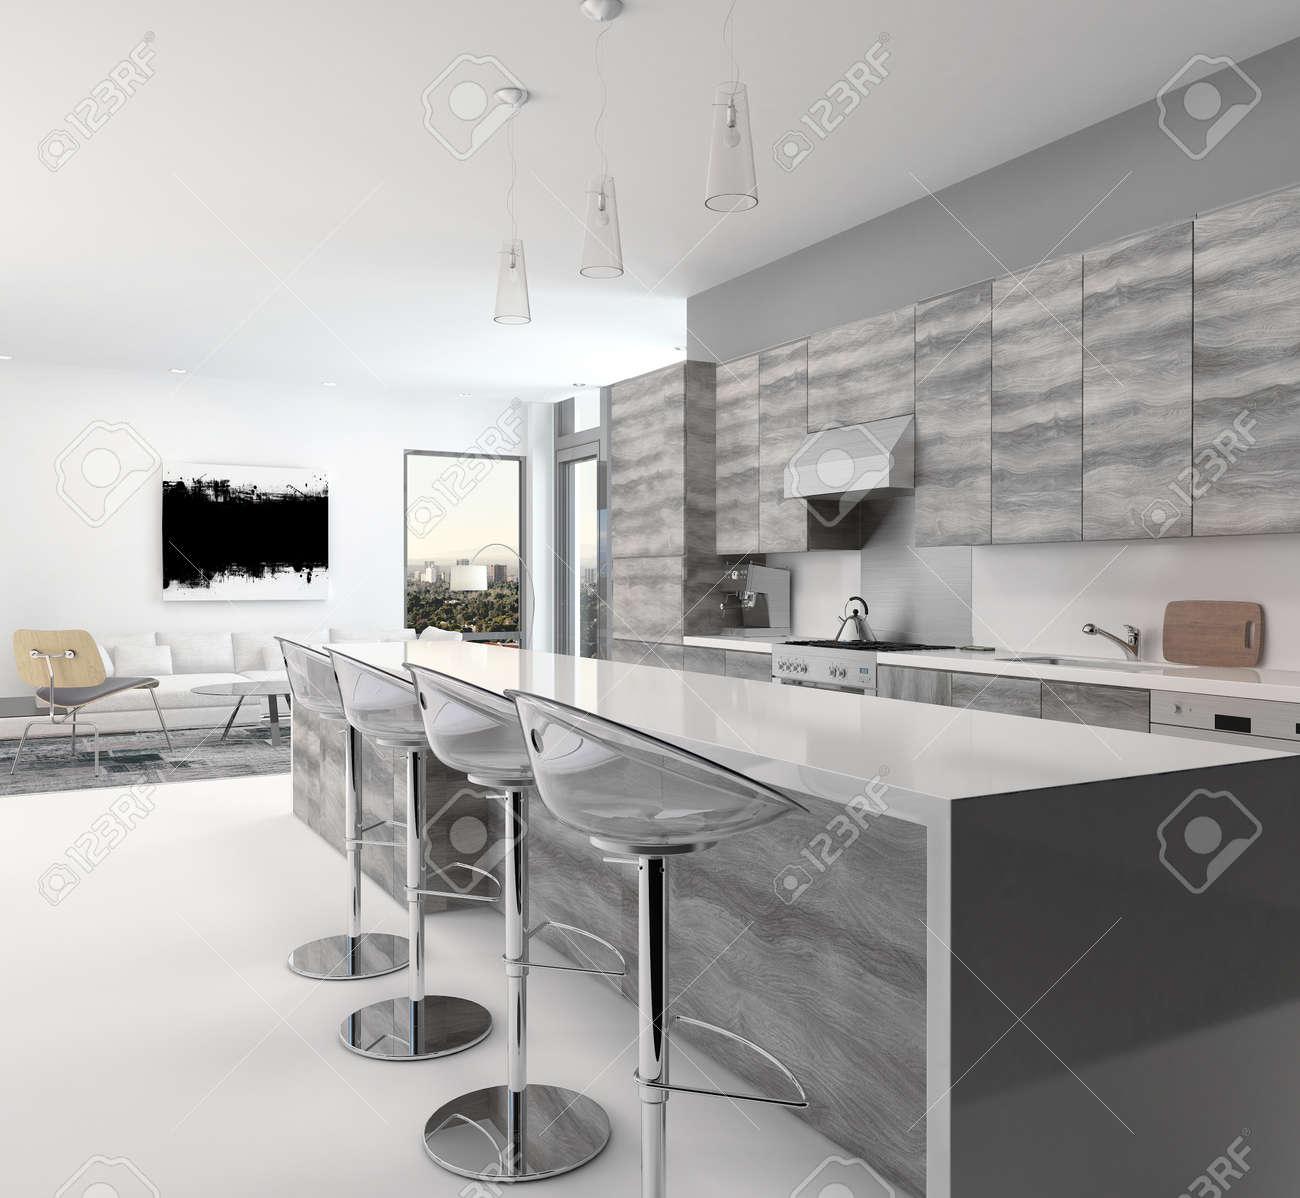 Rustikal Stil Aus Holz Grau Offene Kuche Interieur Mit Einer Langen